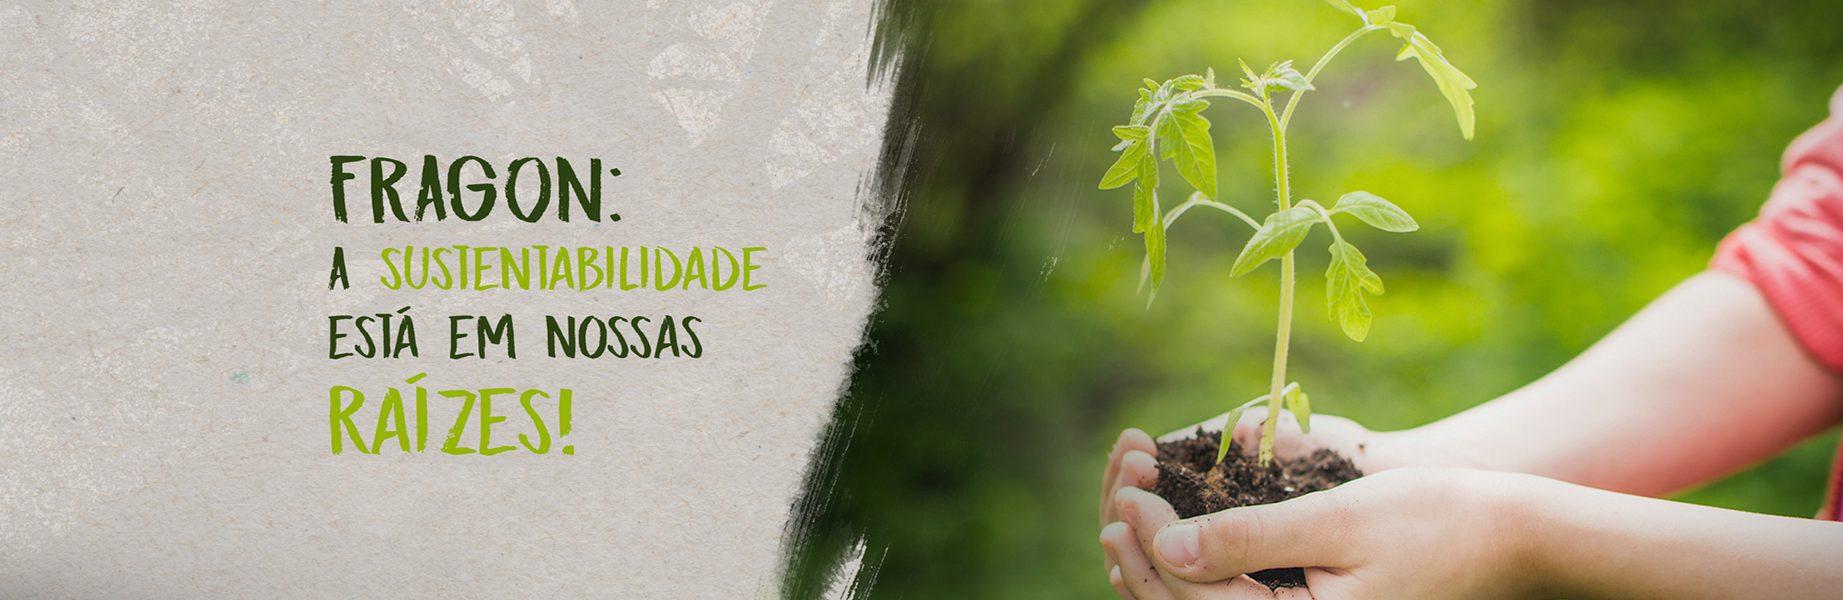 FRAGON: A sustentabilidade está em nossas raízes!